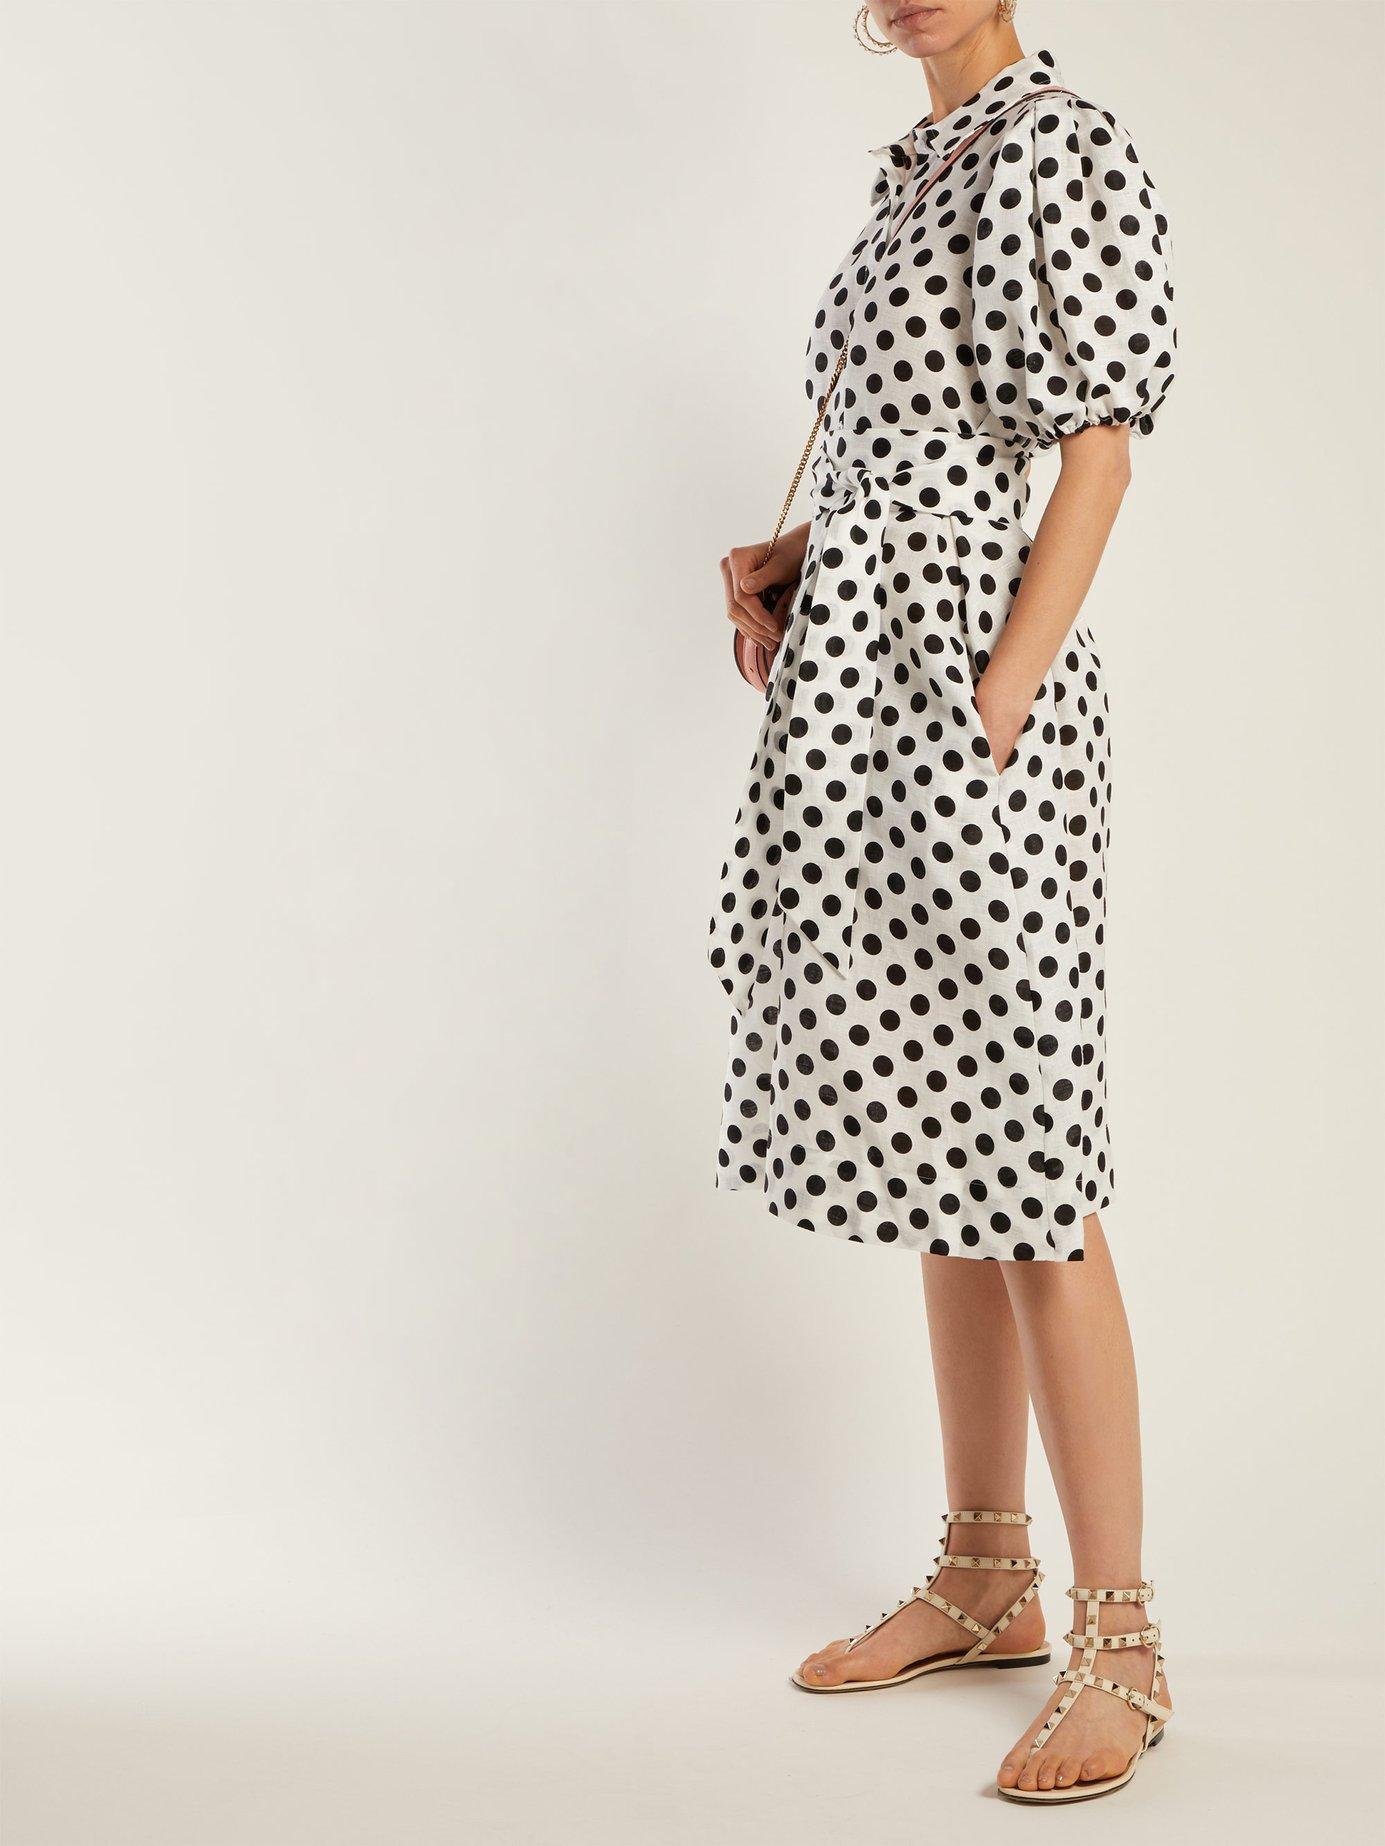 Polka-dot linen shirtdress by Lisa Marie Fernandez